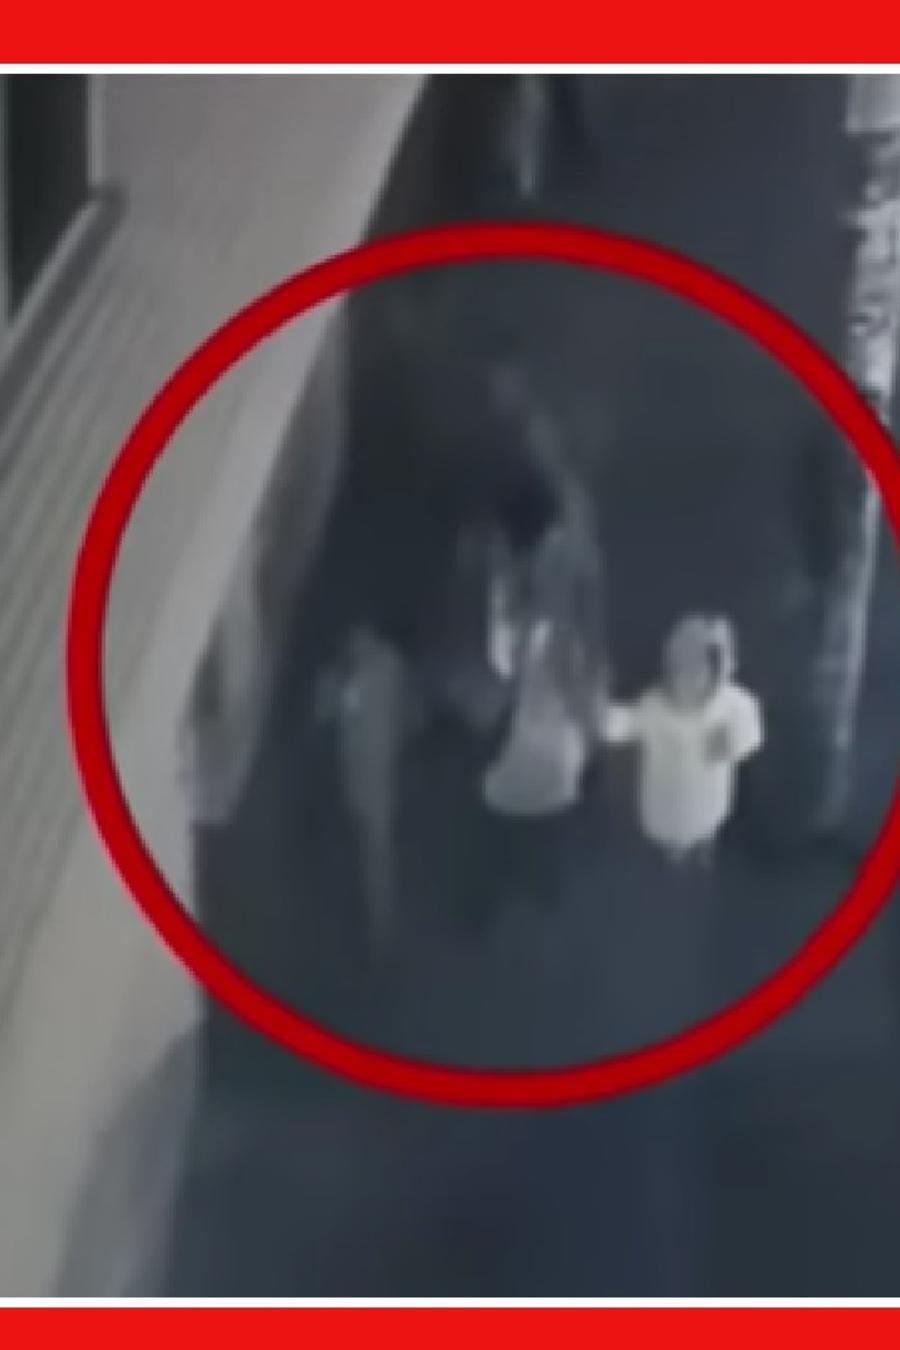 Mujer pelea hombre hija secuestro Colombia